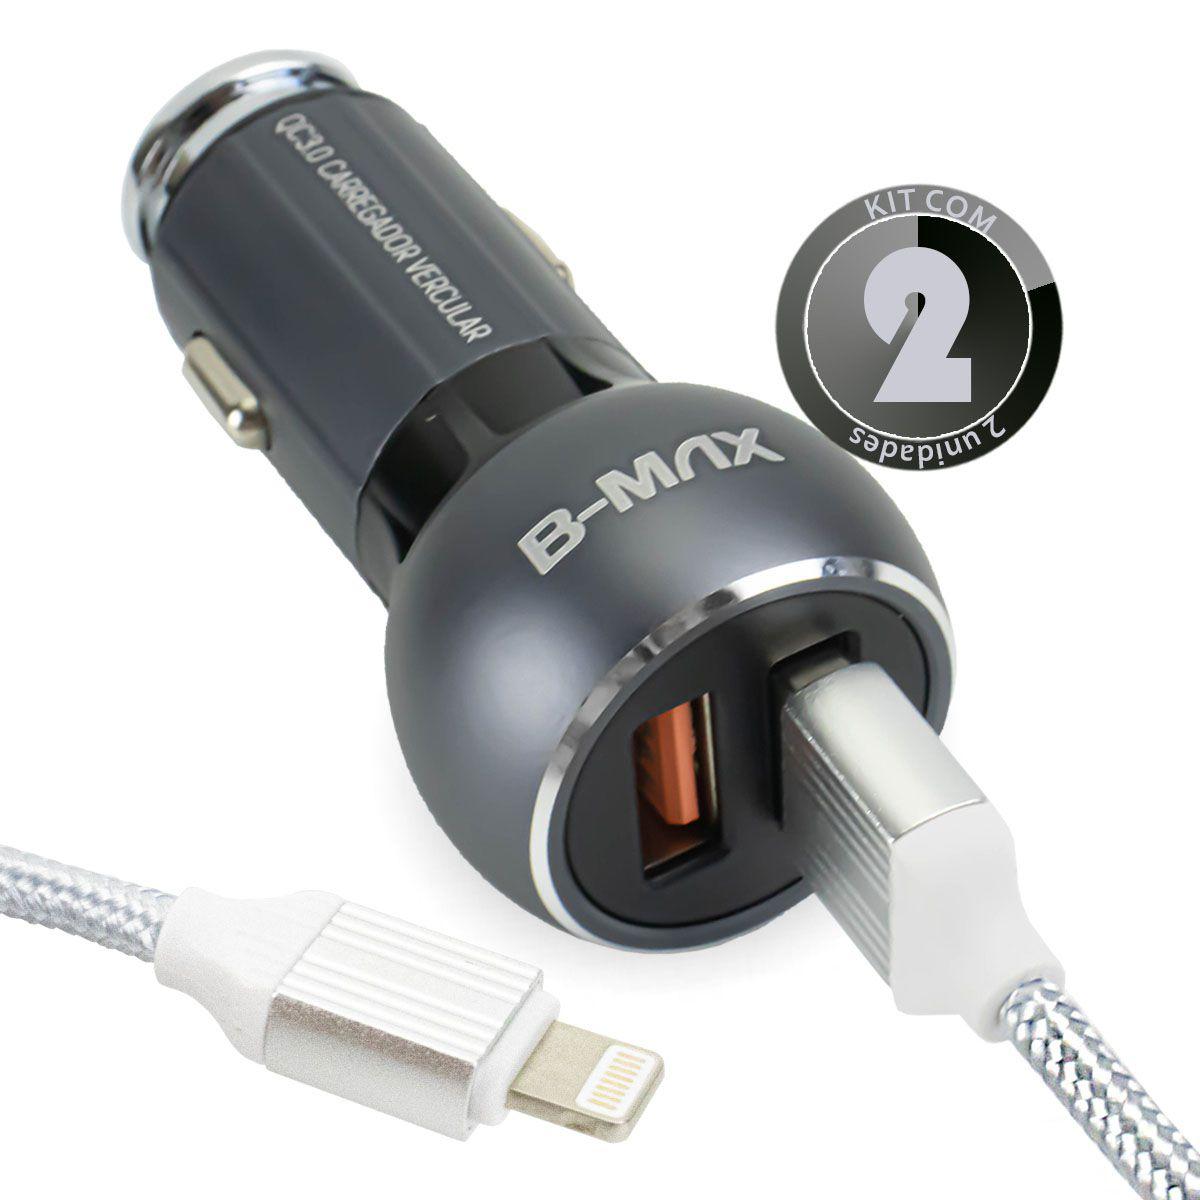 KIT 2x Carregador Veicular Turbo Quick Charge 3.0 36w para Iphone Lightning B-Max BM8611